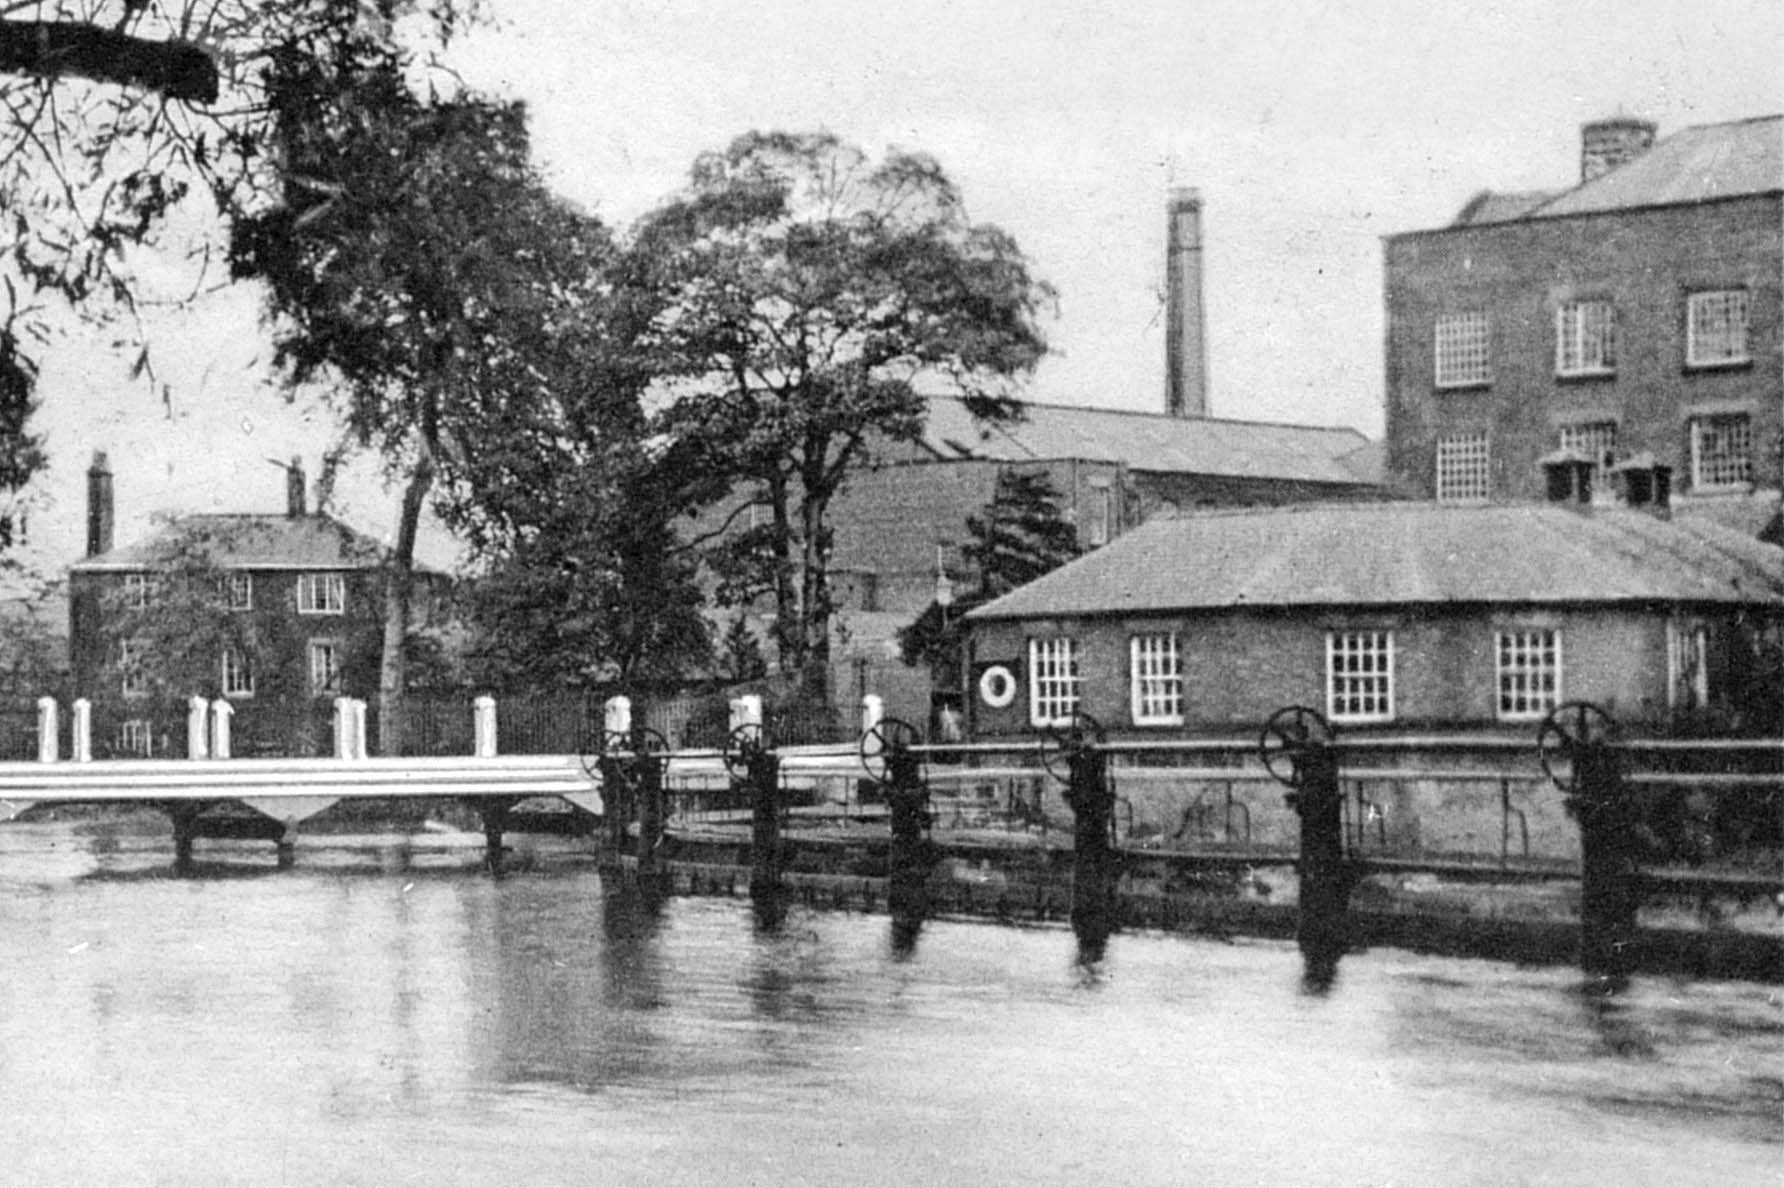 Darley Abbey West Mill and bridge c1910